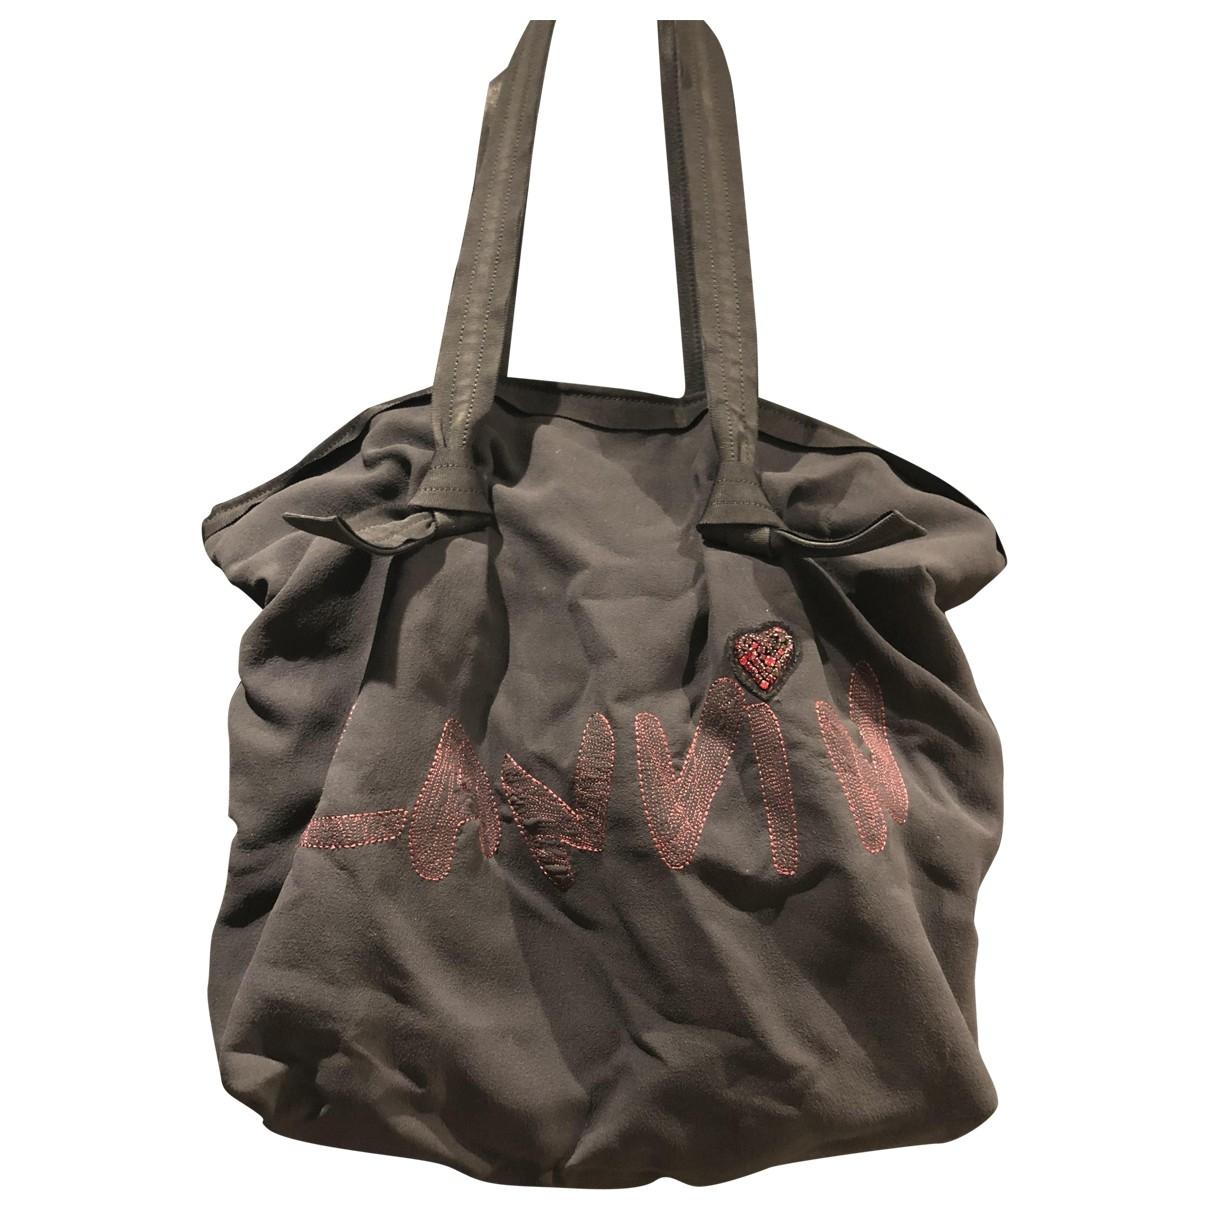 Lanvin \N Handtasche in  Schwarz Synthetik